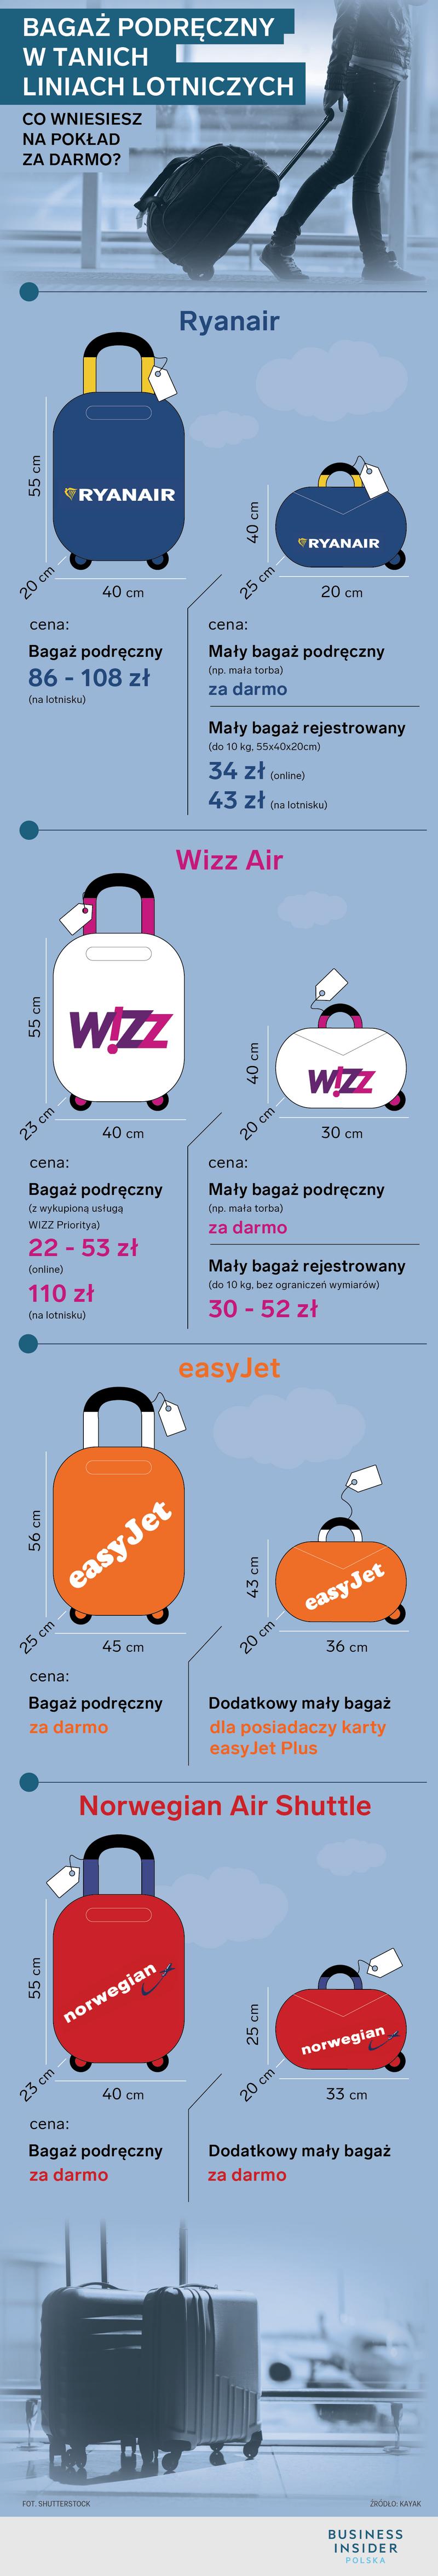 Ryanair I Wizzair Ukarane Za Przepisydotyczace Bagazu Podrecznego